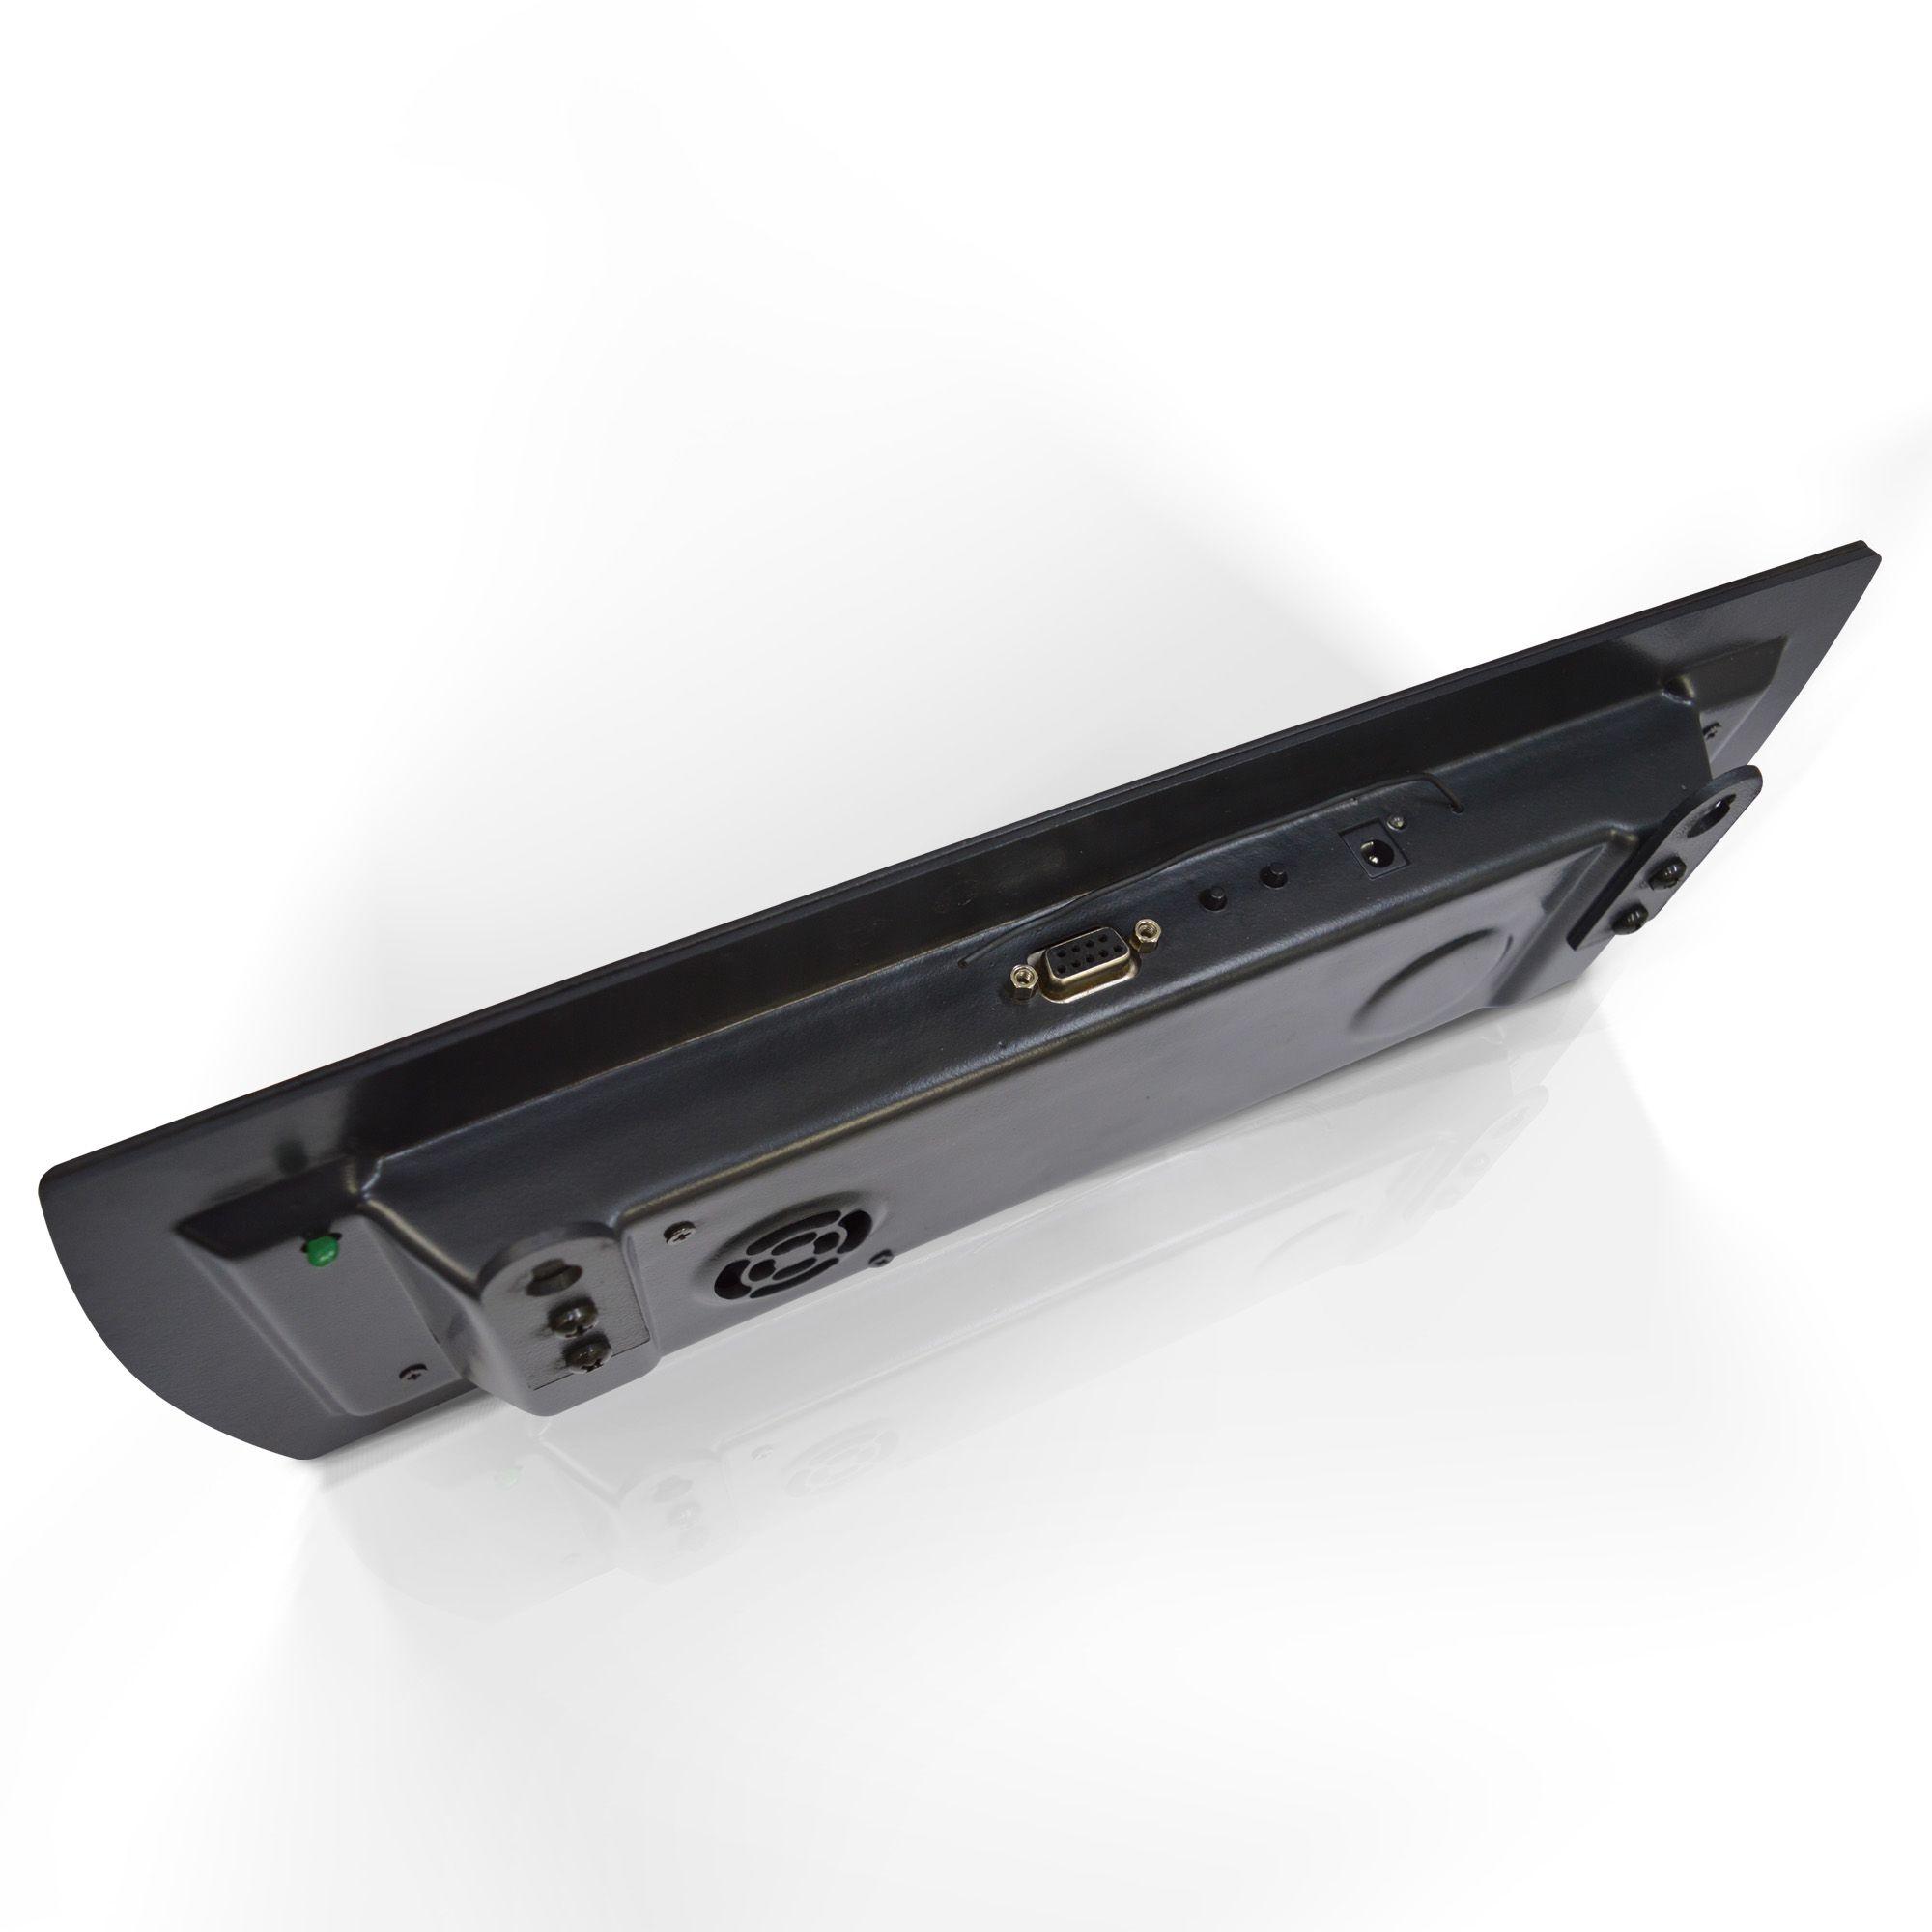 Agilize Slim 625 SG + Fala Senha Vox One - Painel de Senha e Guichê com 4 Controles - 38x14 cm